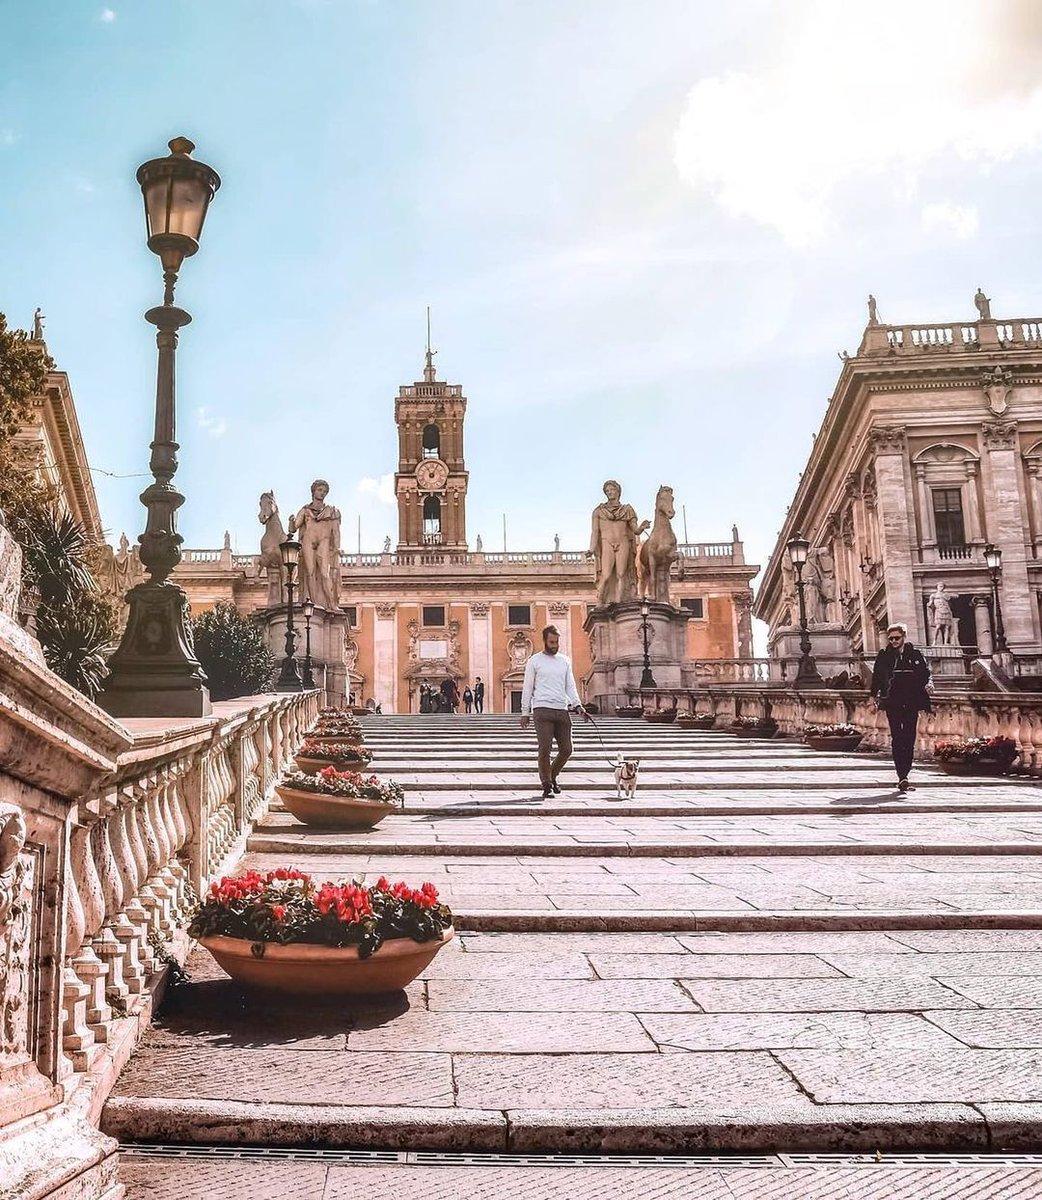 Passeggiare per #Roma è qualcosa che non si può raccontare! Repost foto di https://t.co/xUo7EXtfbY  #IgersRoma #RaccontandoRoma #studiainitalia #italy #studyabroad #learnitalian #studyitalian #learninrome #studyinrome #rome #aprenderitaliano #estudiaritaliano #estudiarenroma https://t.co/dEQfwHdn1m